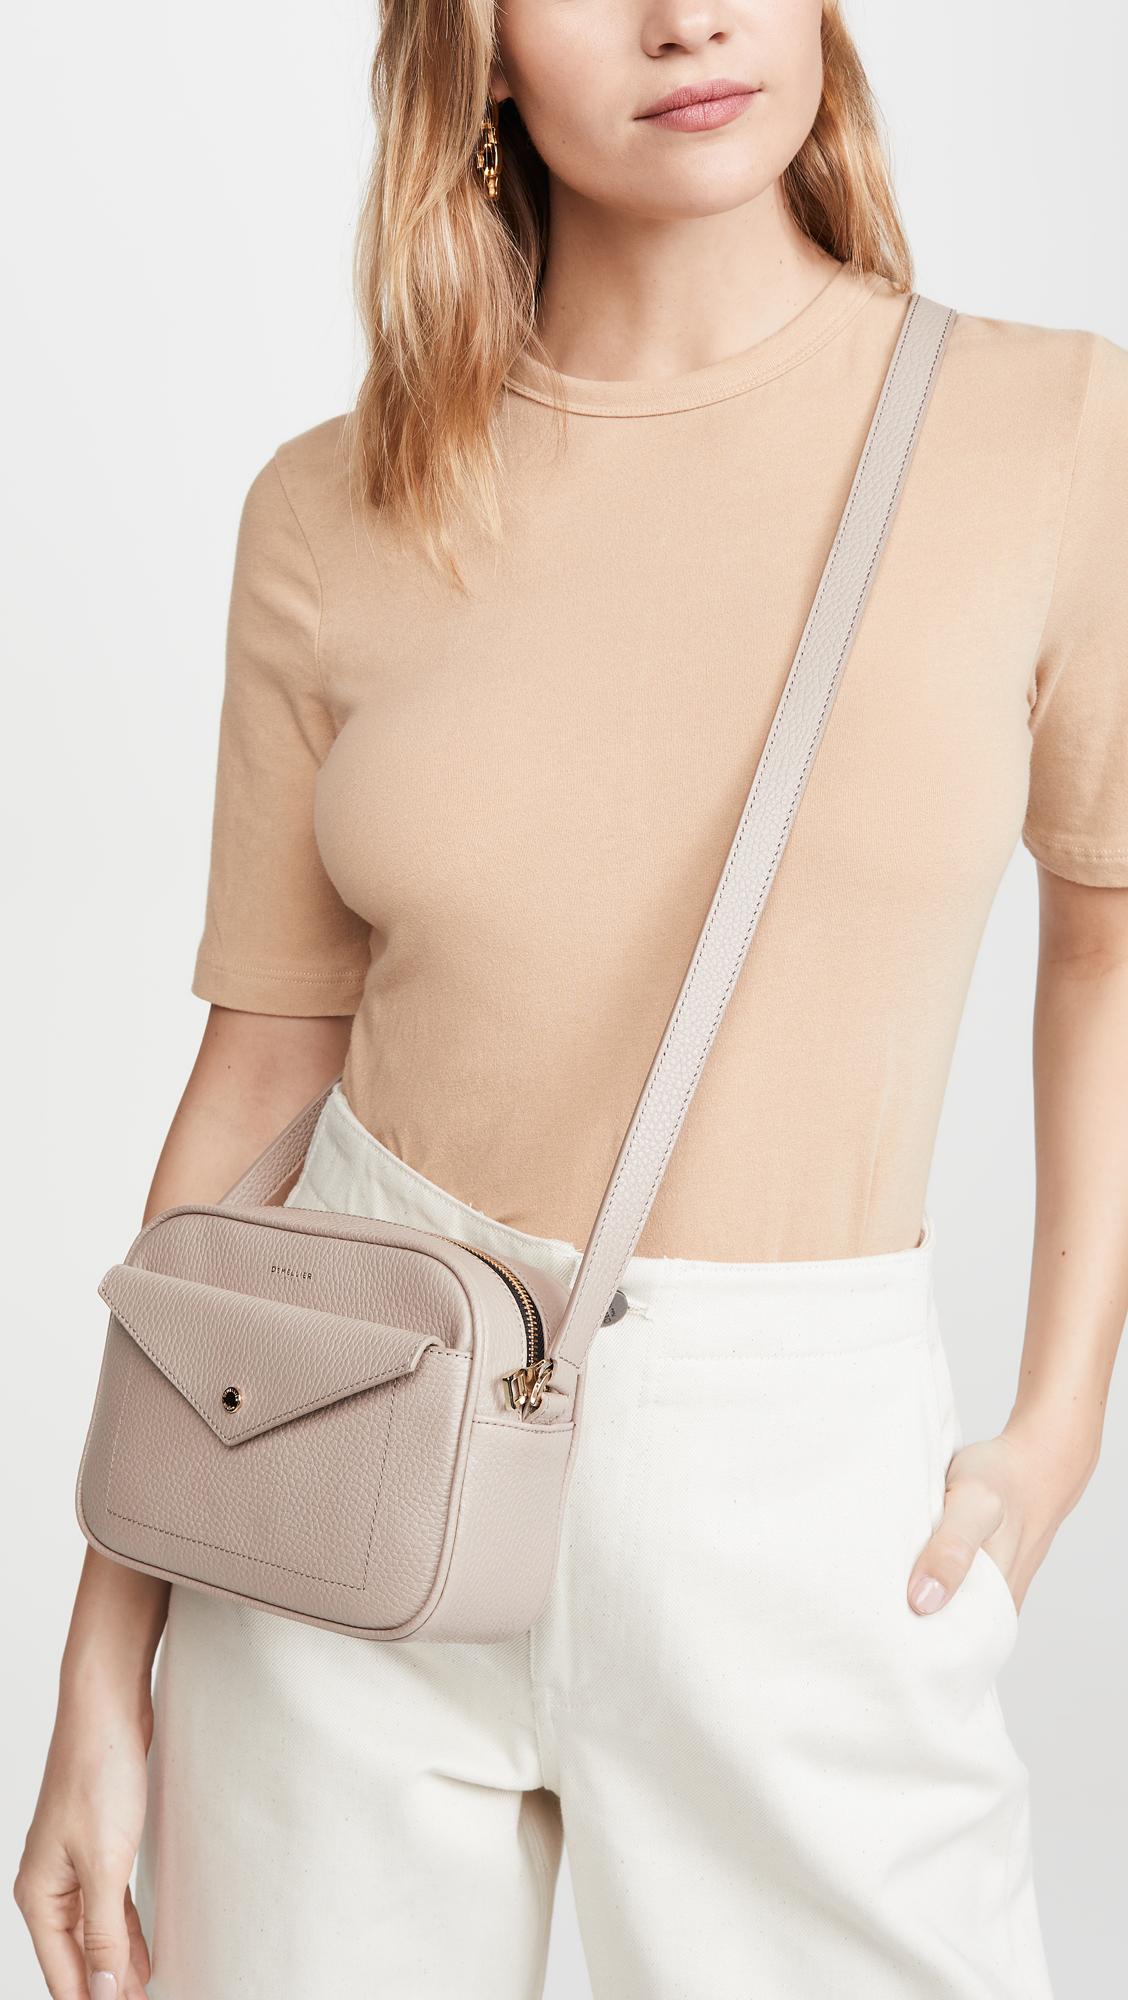 DeMellier Oxford Crossbody Bag